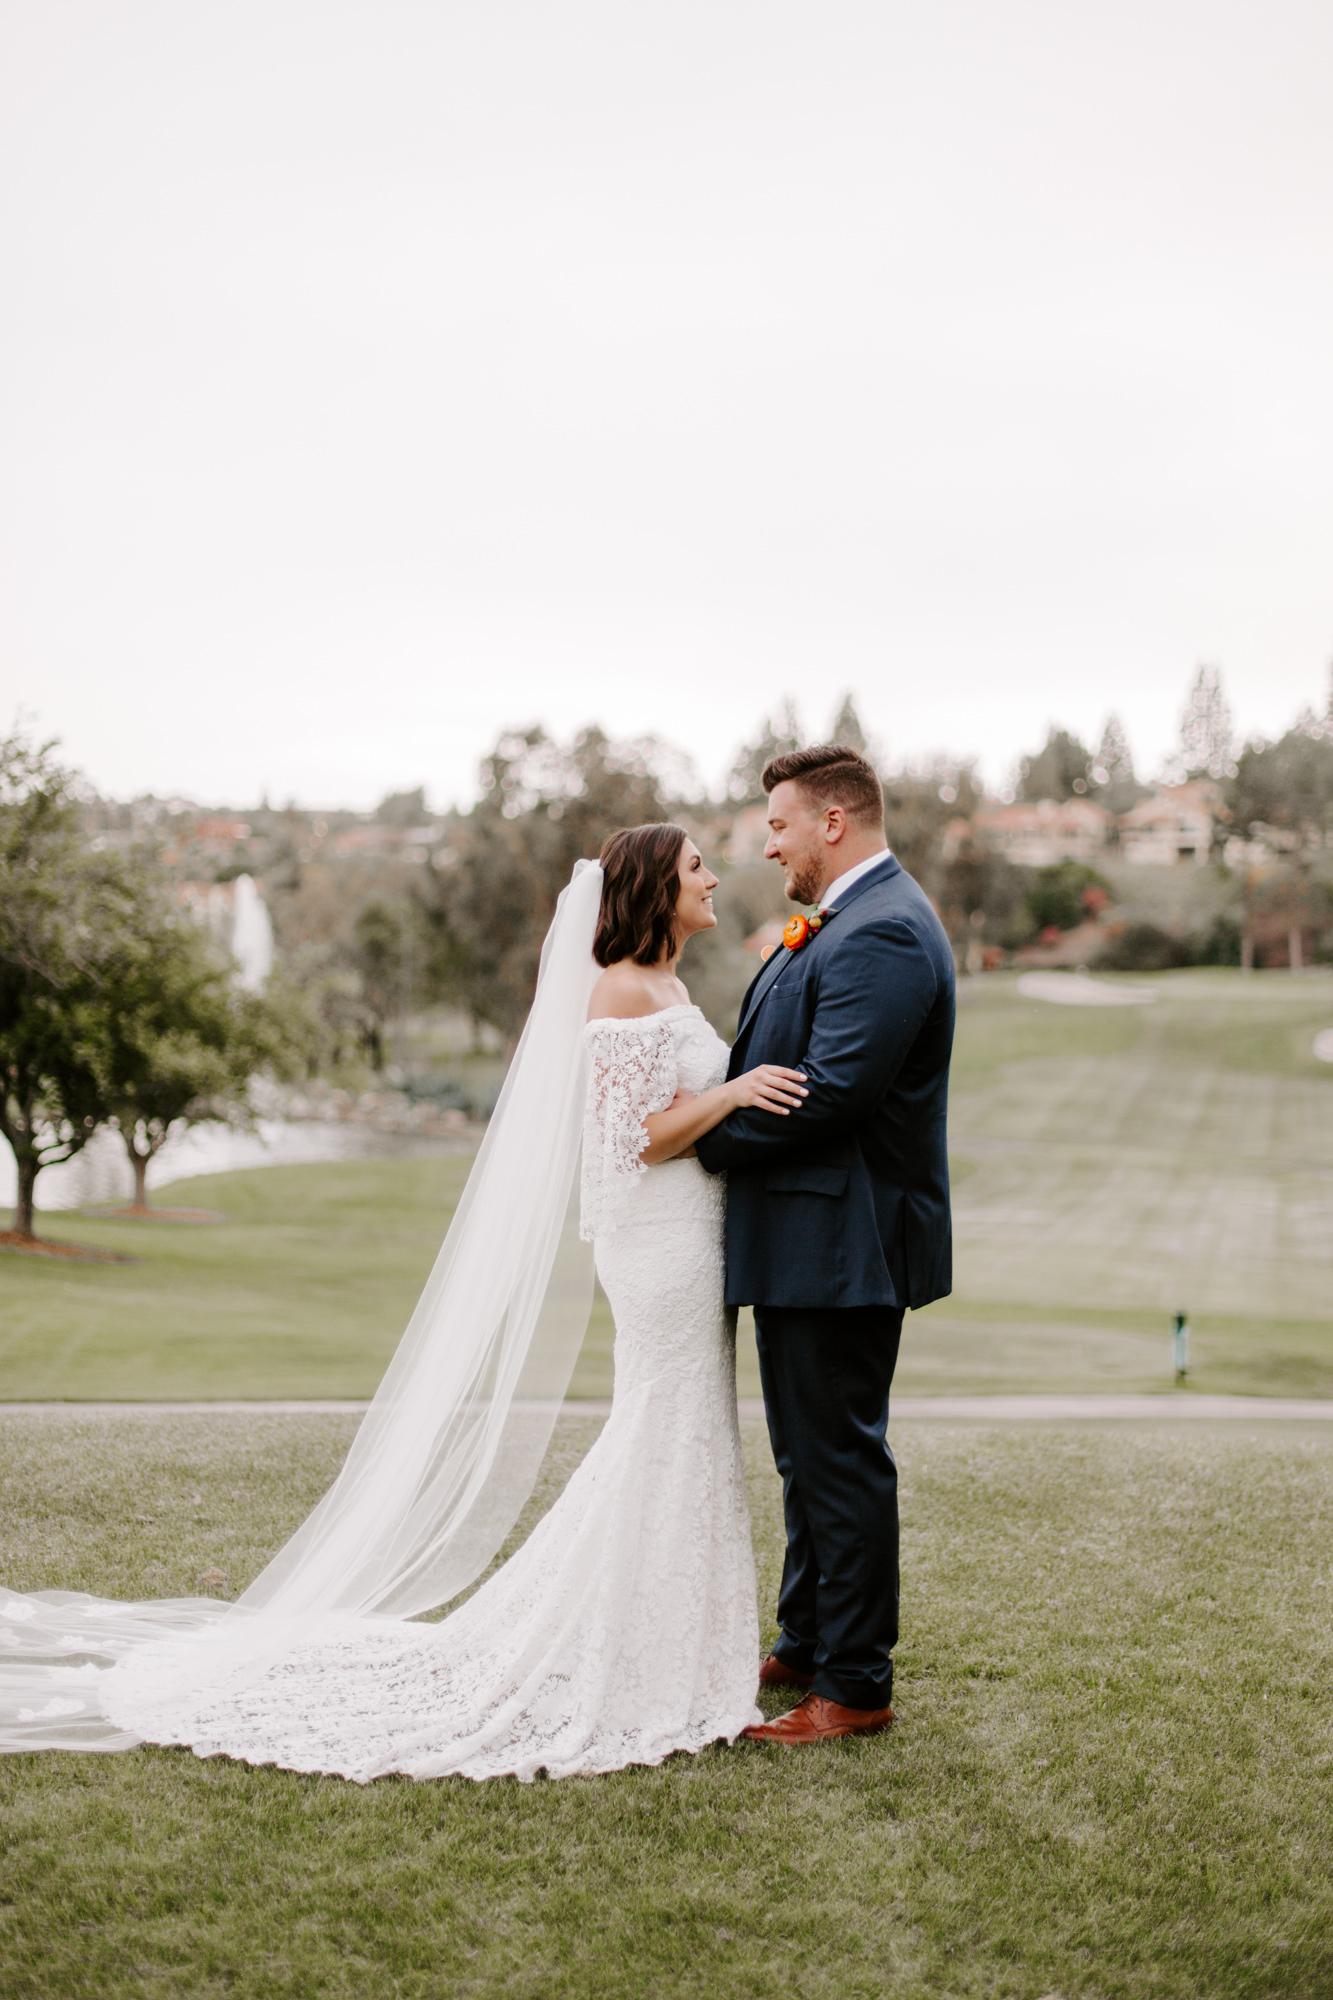 Rancho bernardo Inn san deigo wedding photography0067.jpg